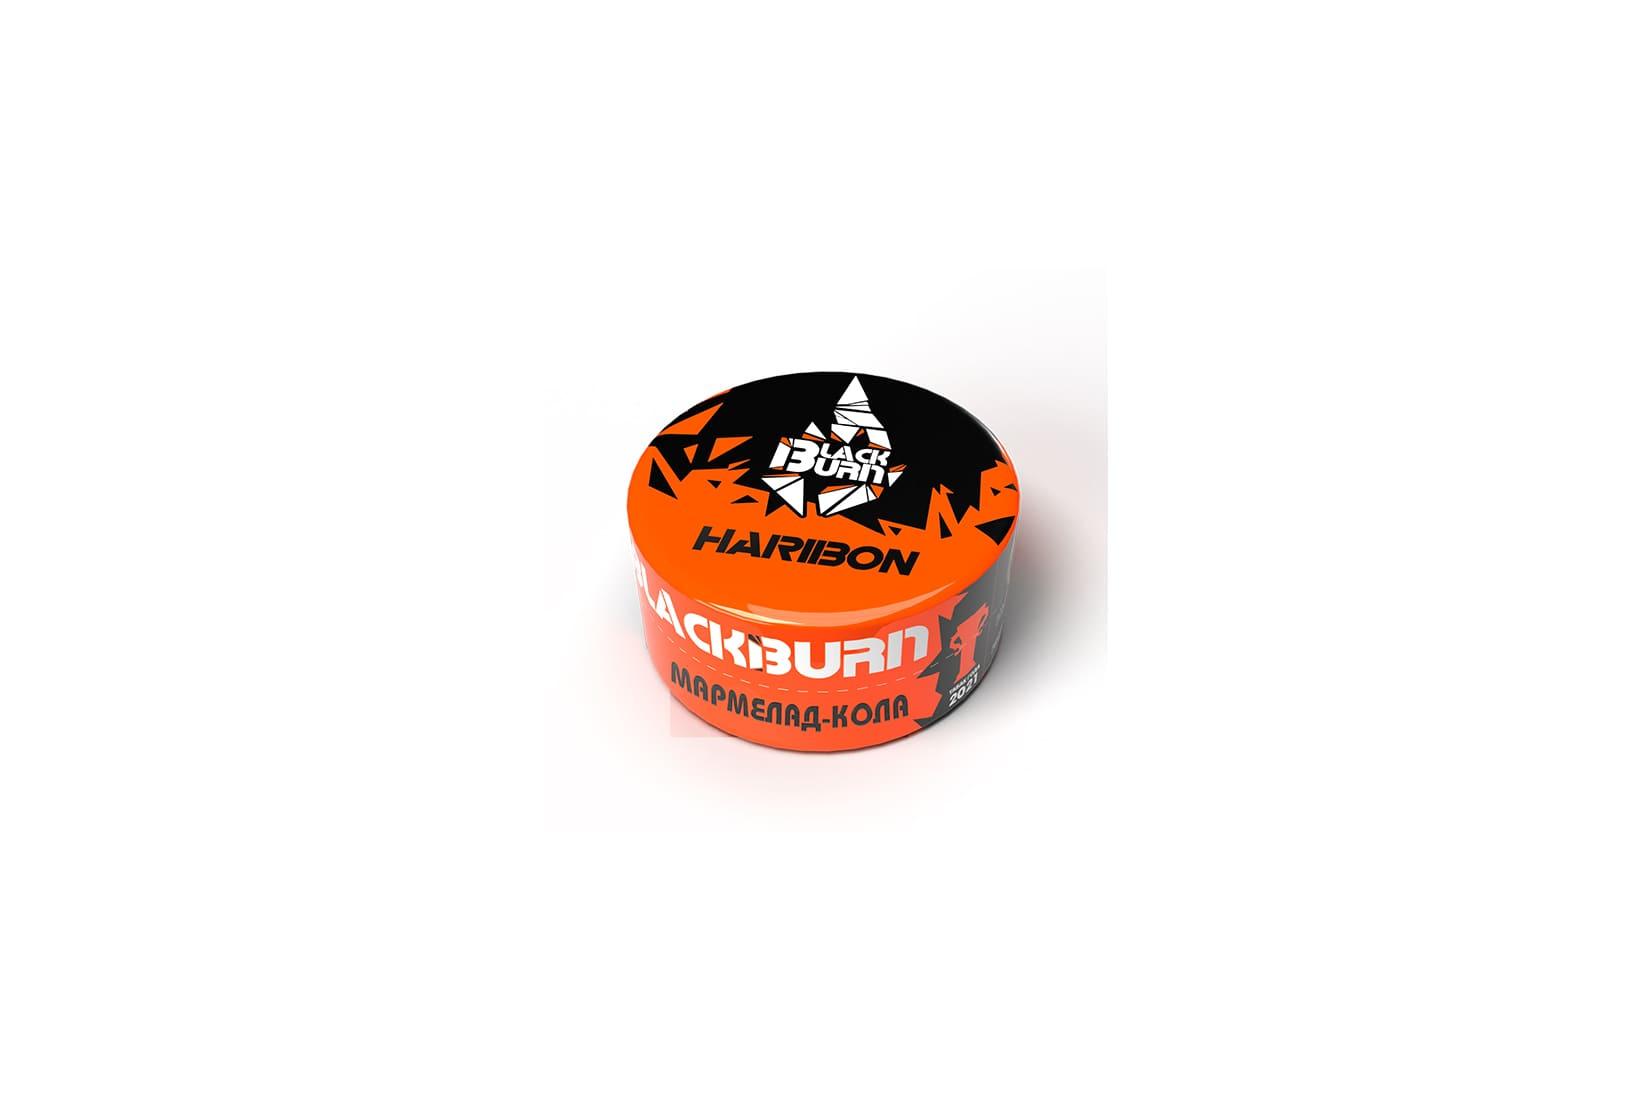 Табак для кальяна Black Burn HARIBON  – описание, миксы, отзывы